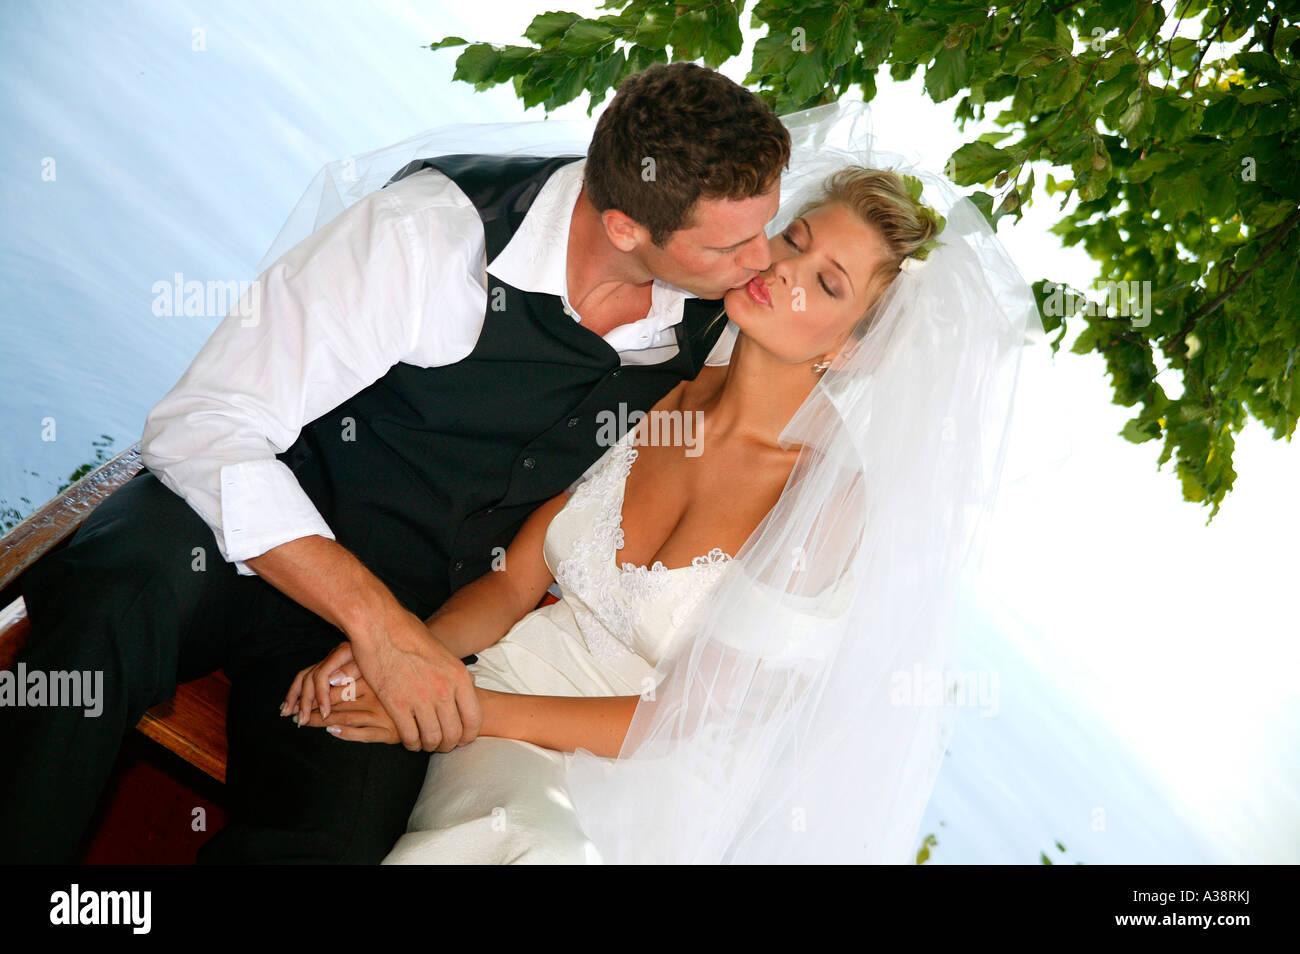 Einem Ruderboot Brautpaar en pareja, los recién casados en un barco Foto de stock